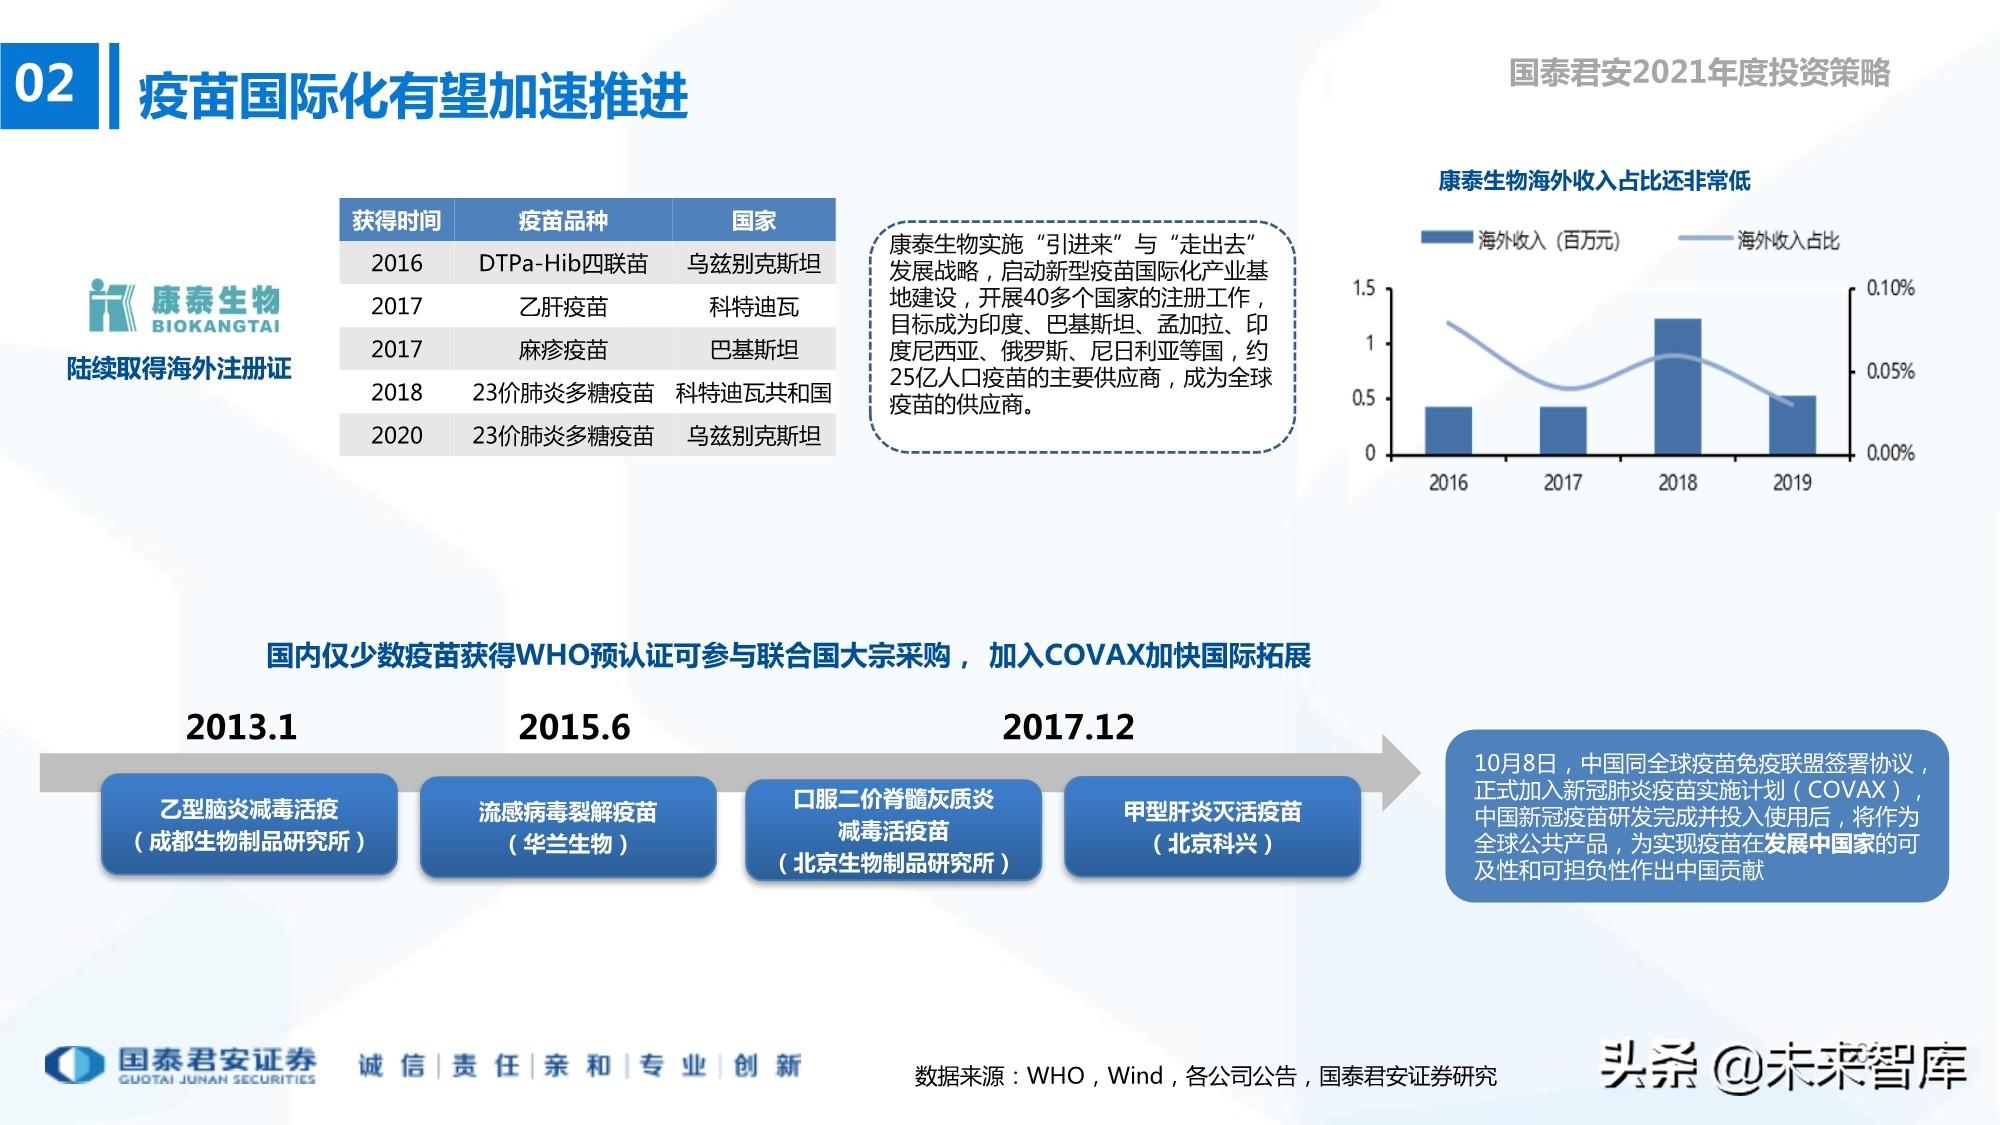 医药行业2021年度投资策略:需求无止境,供给共繁荣